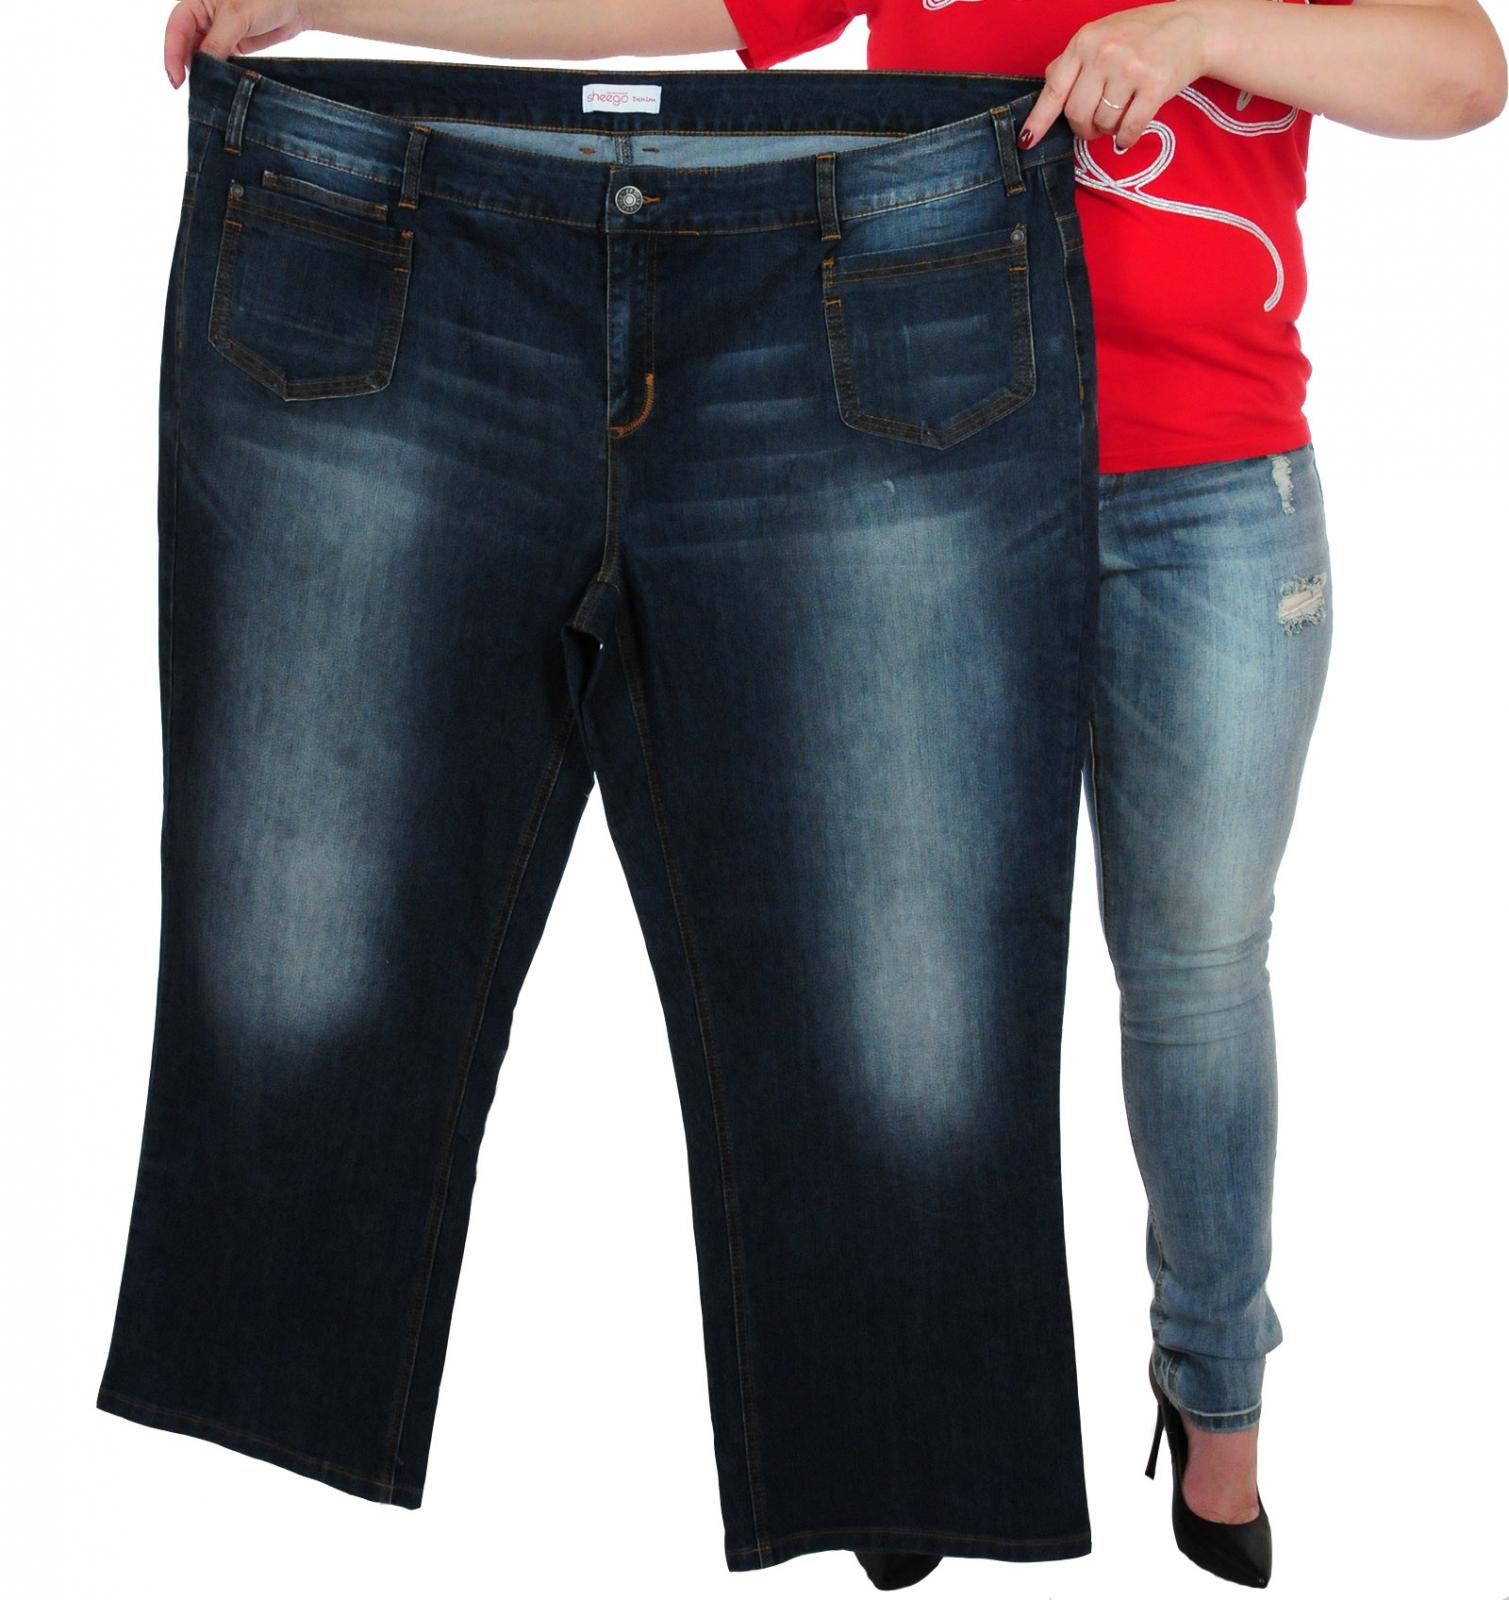 Немецкие женские джинсы размера ПЛЮС от ТМ SHEEGO DENIM (Германия)